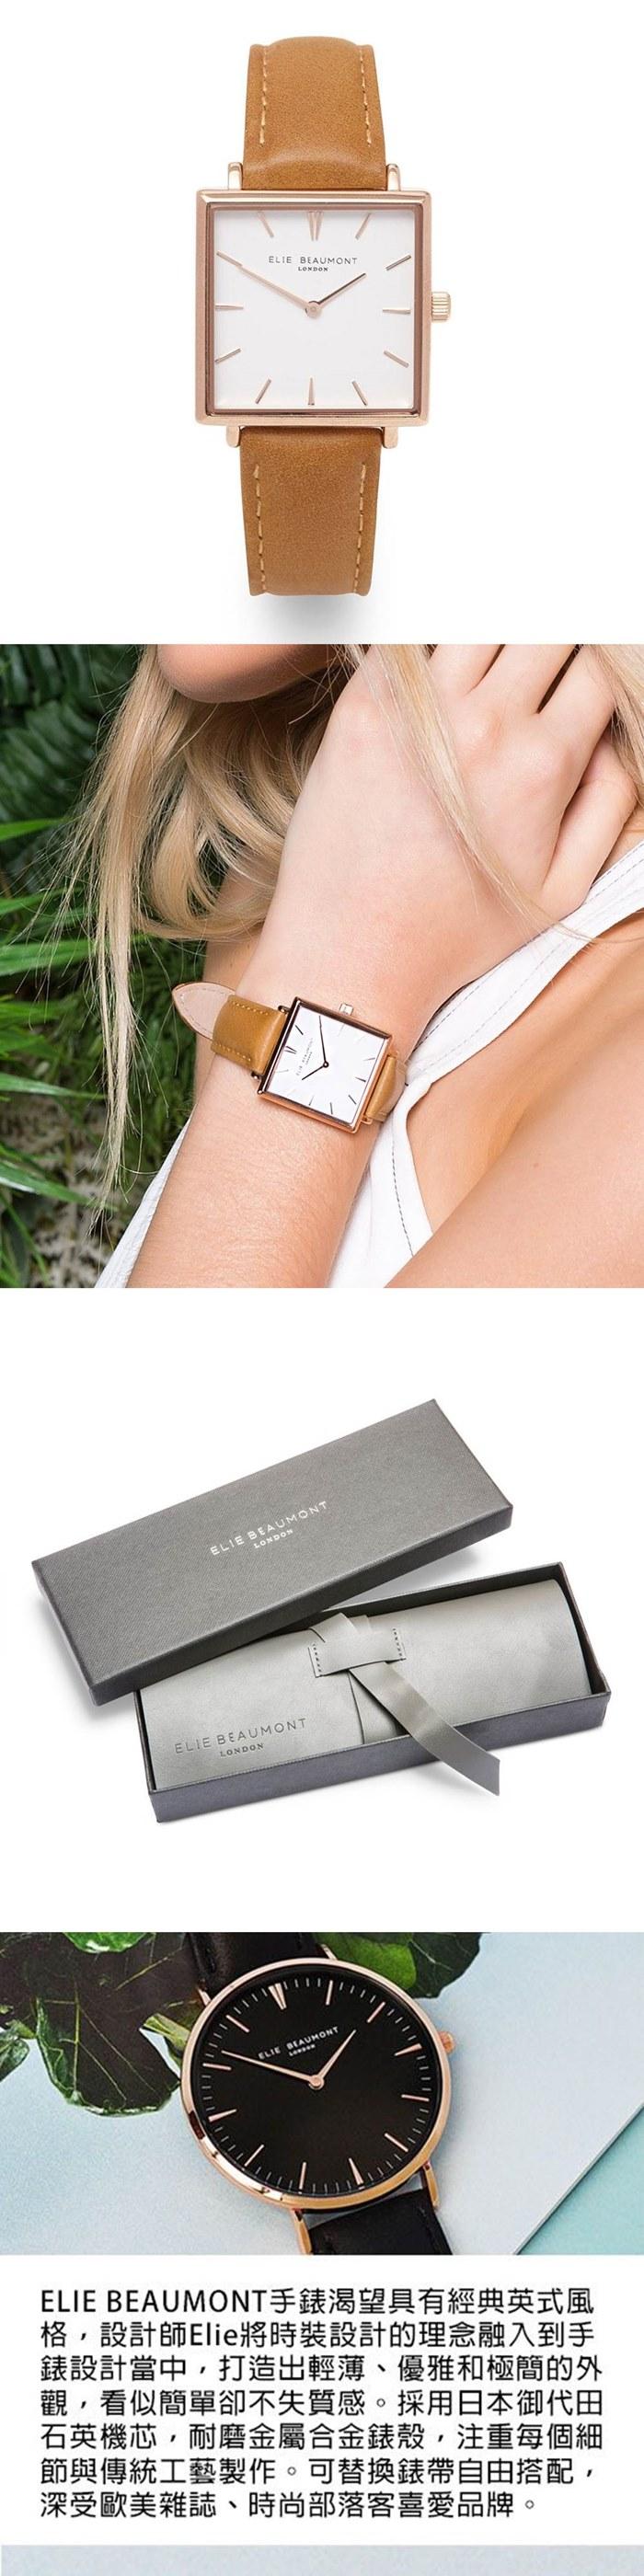 (複製)Elie Beaumont|英國時尚手錶 BAYSWATER系列 白錶盤x玫瑰金錶框x褐色皮革錶帶28mm